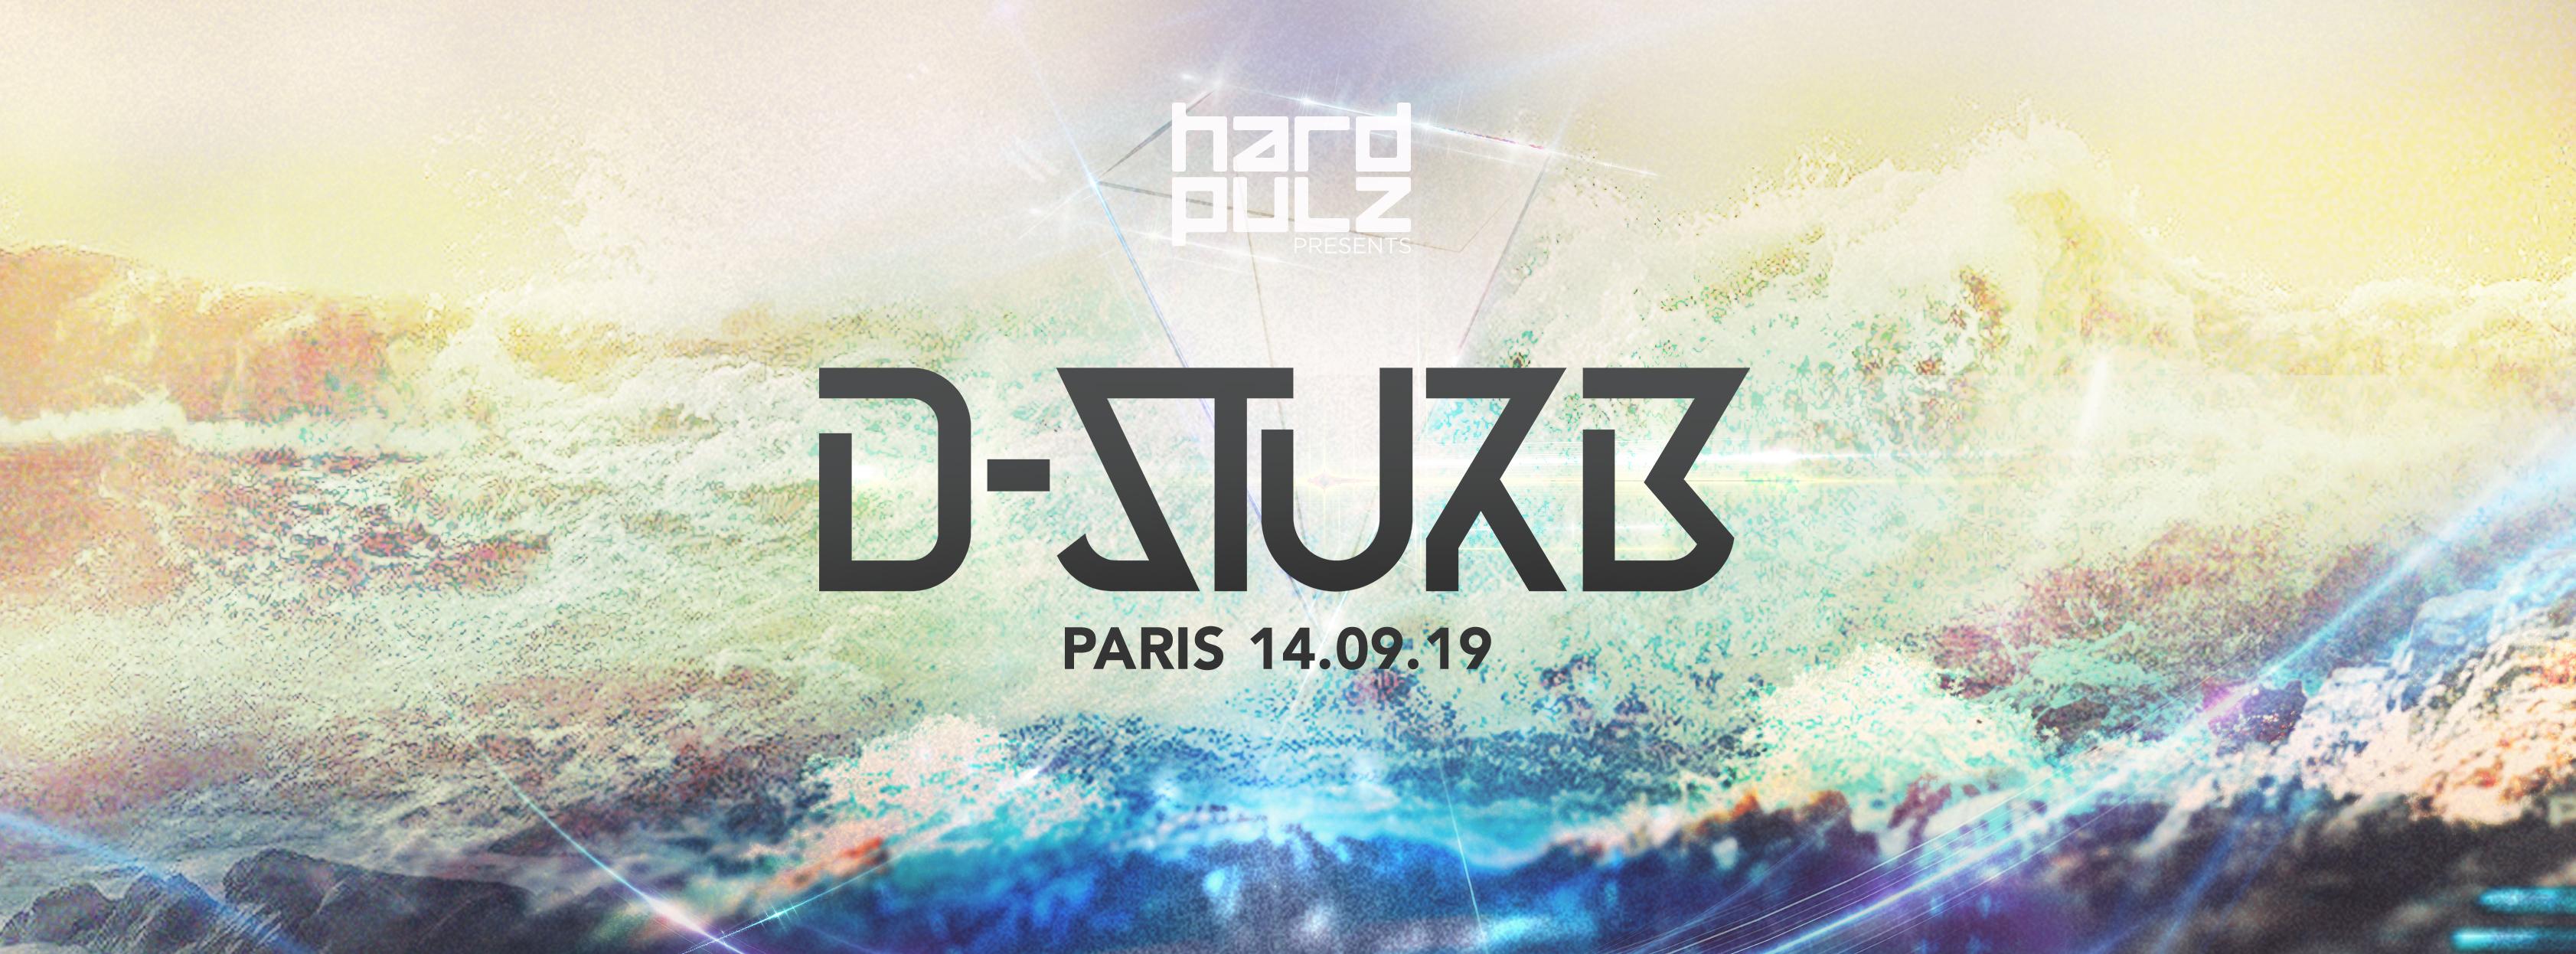 Hardpulz presents D-Sturb